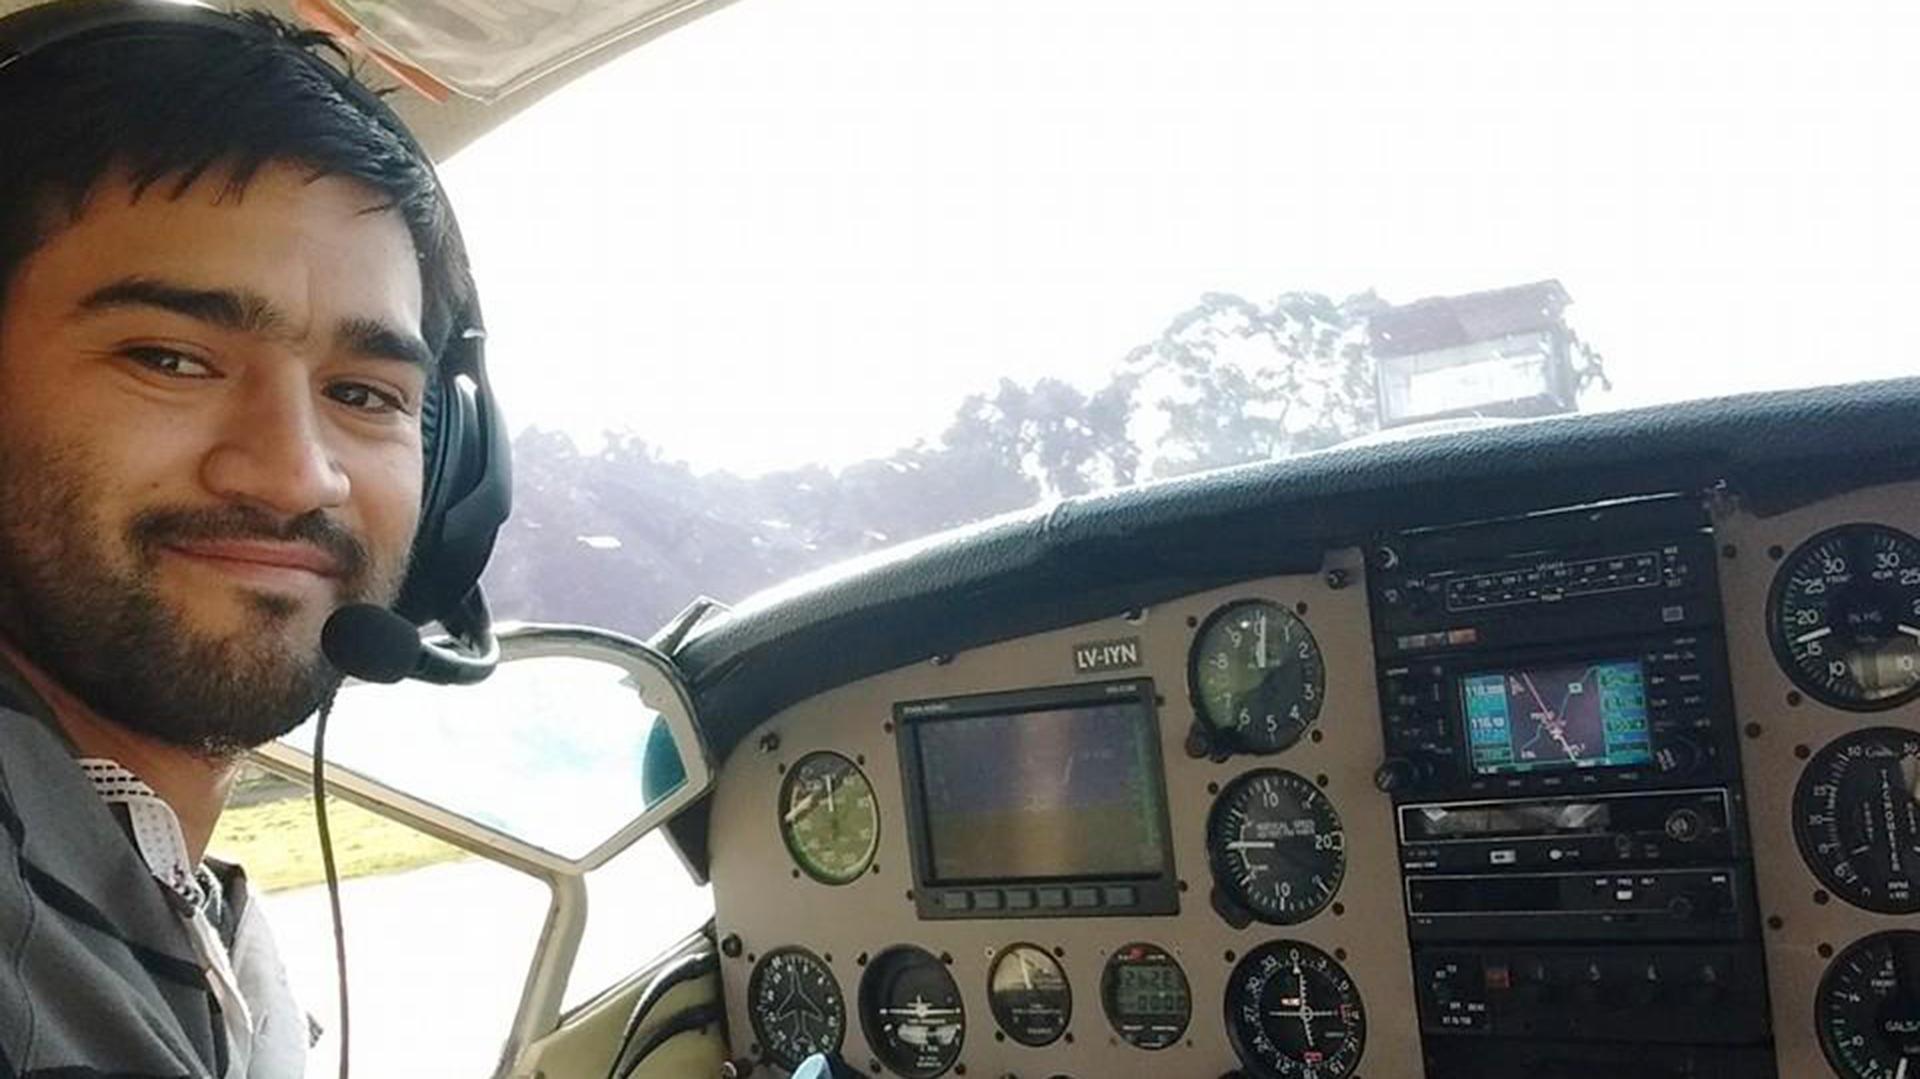 Matías Ronzano, piloto de la avioneta accidentada